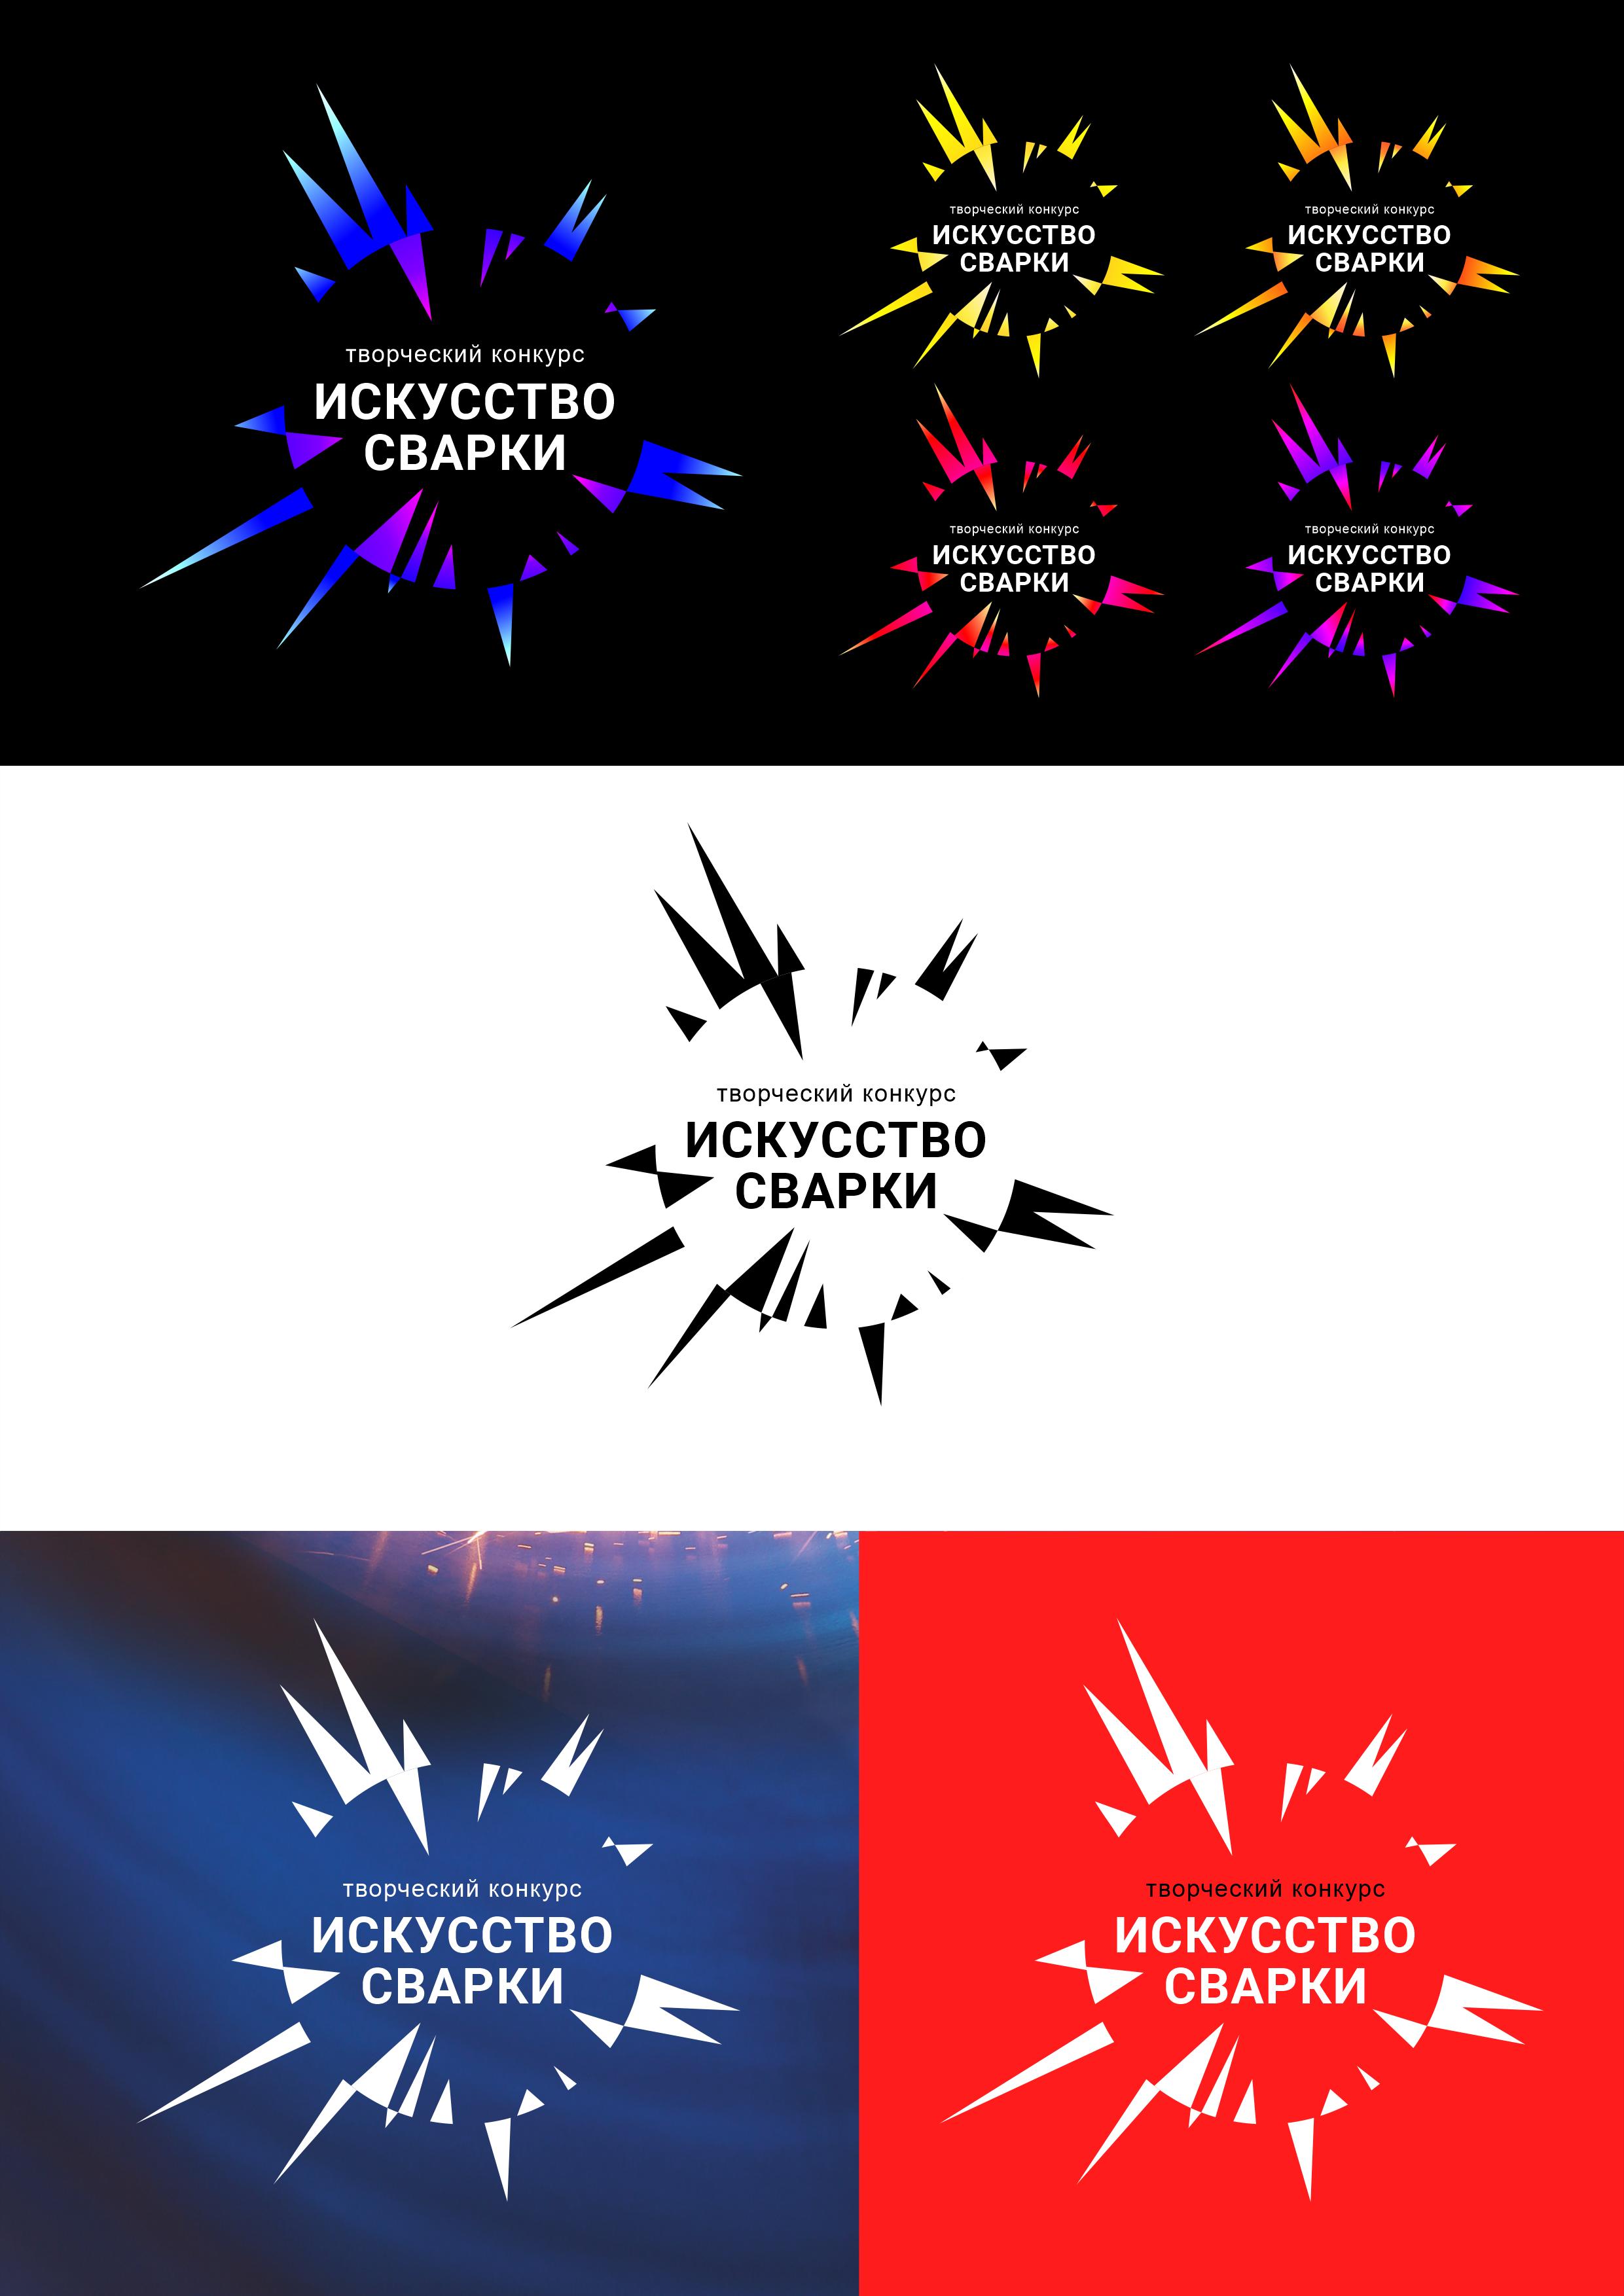 Разработка логотипа для Конкурса фото f_2235f707285929a3.png